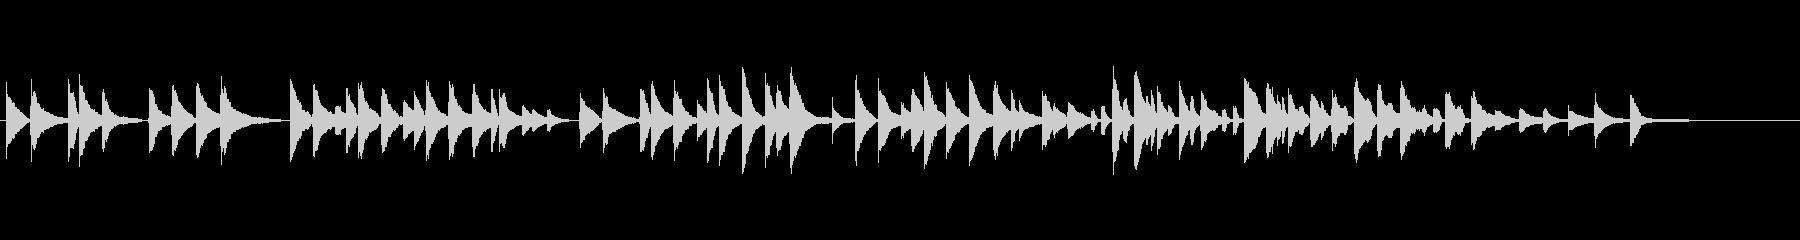 チャイコフスキーのピアノソロ「朝の祈り」の未再生の波形